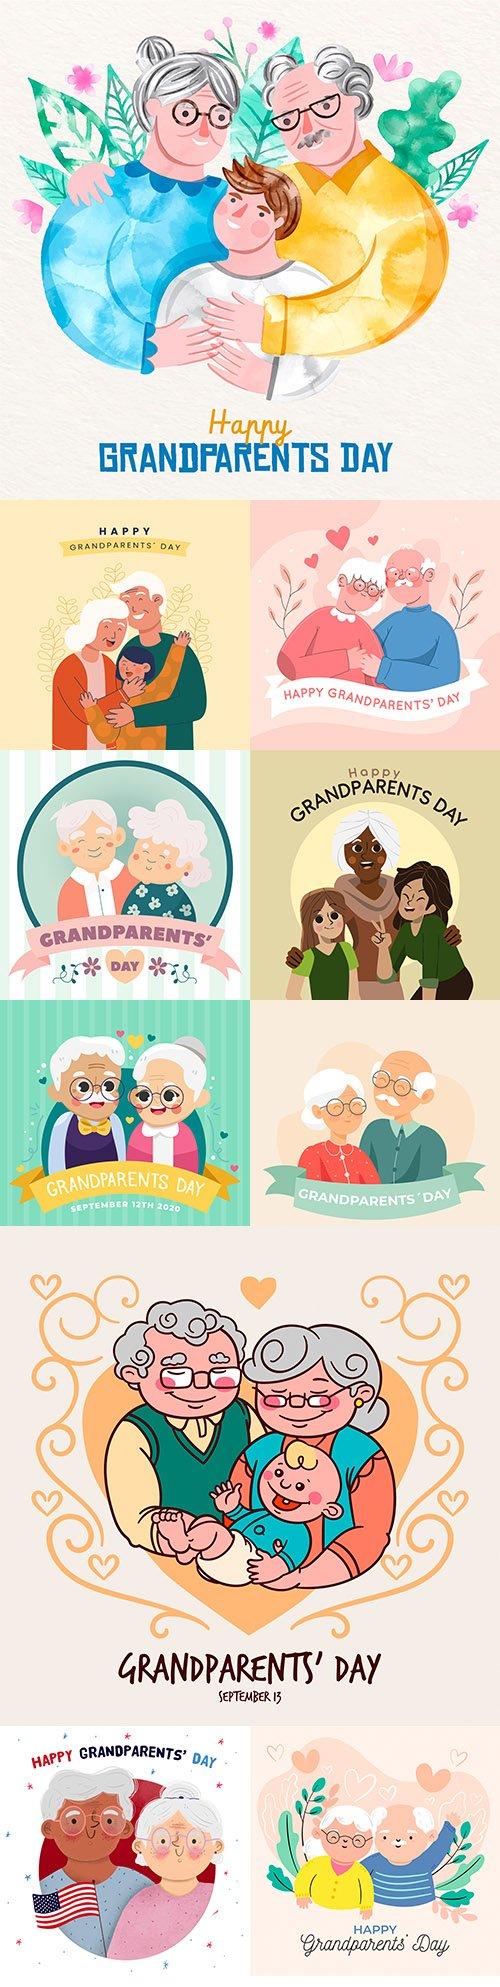 National grandparents day flat design illustration